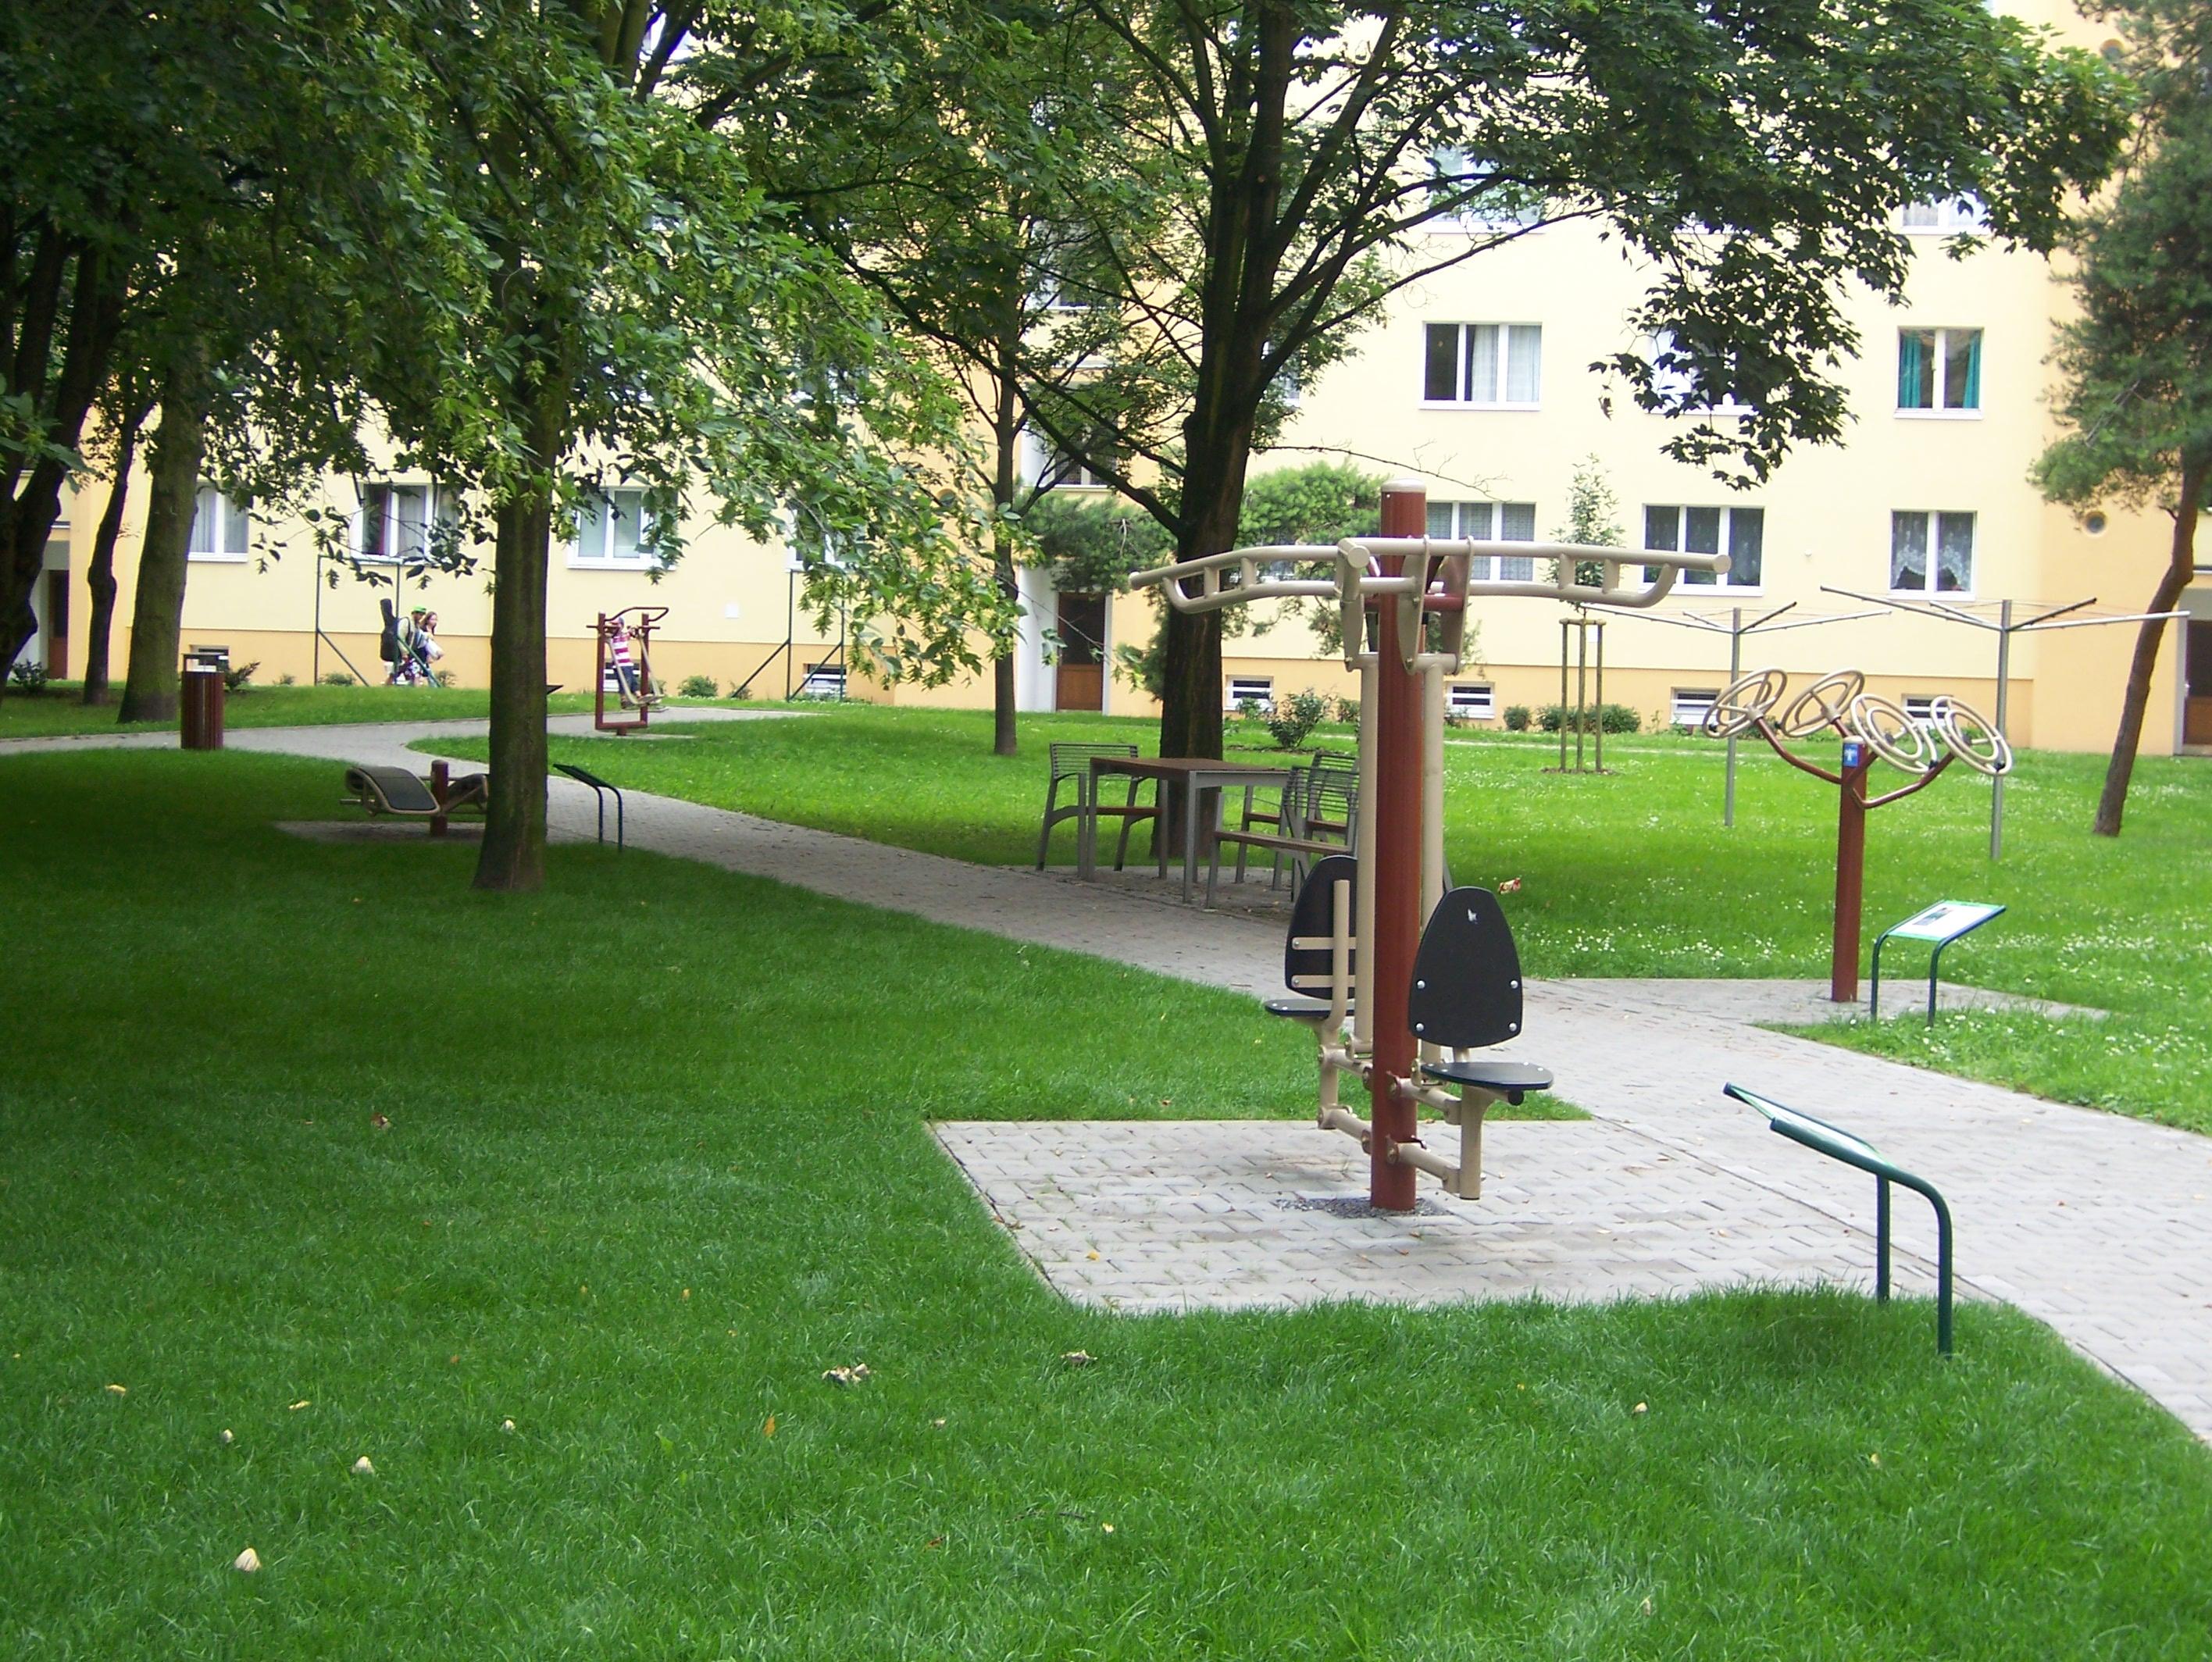 Stavby projekce městské mobiliáře, pěší zóny, parky, areály.